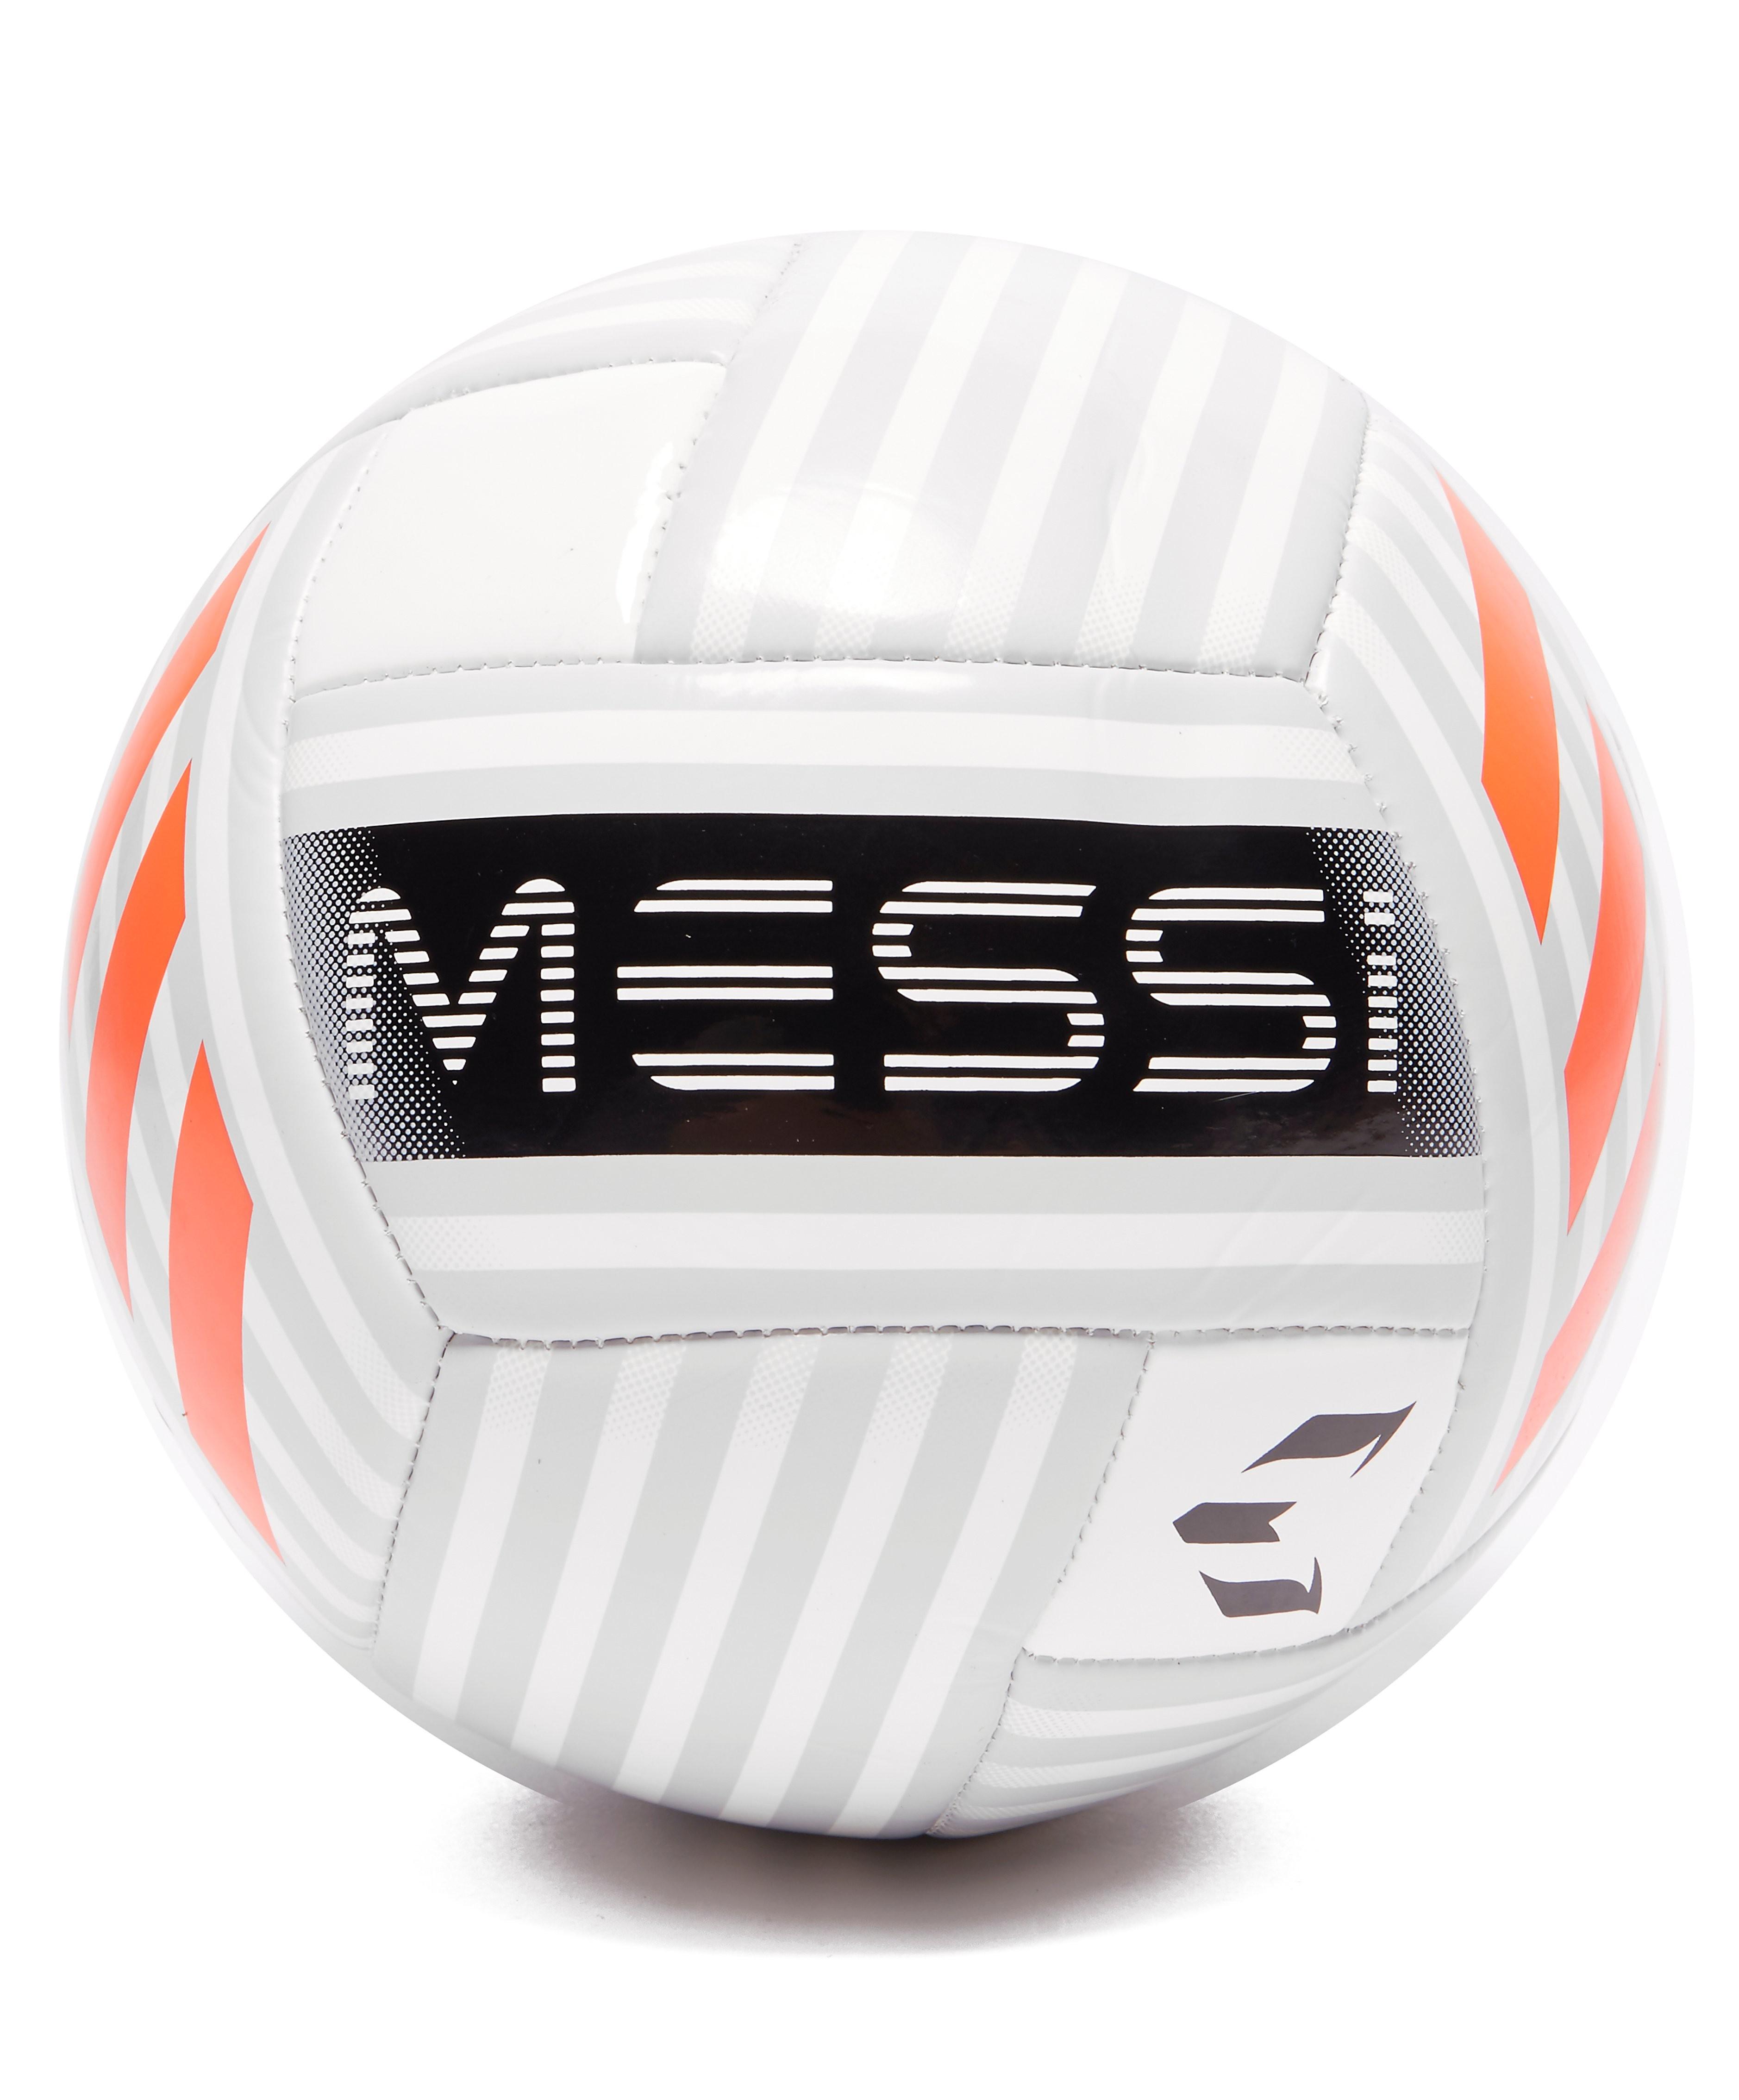 adidas Messi 10 Glider Fußball